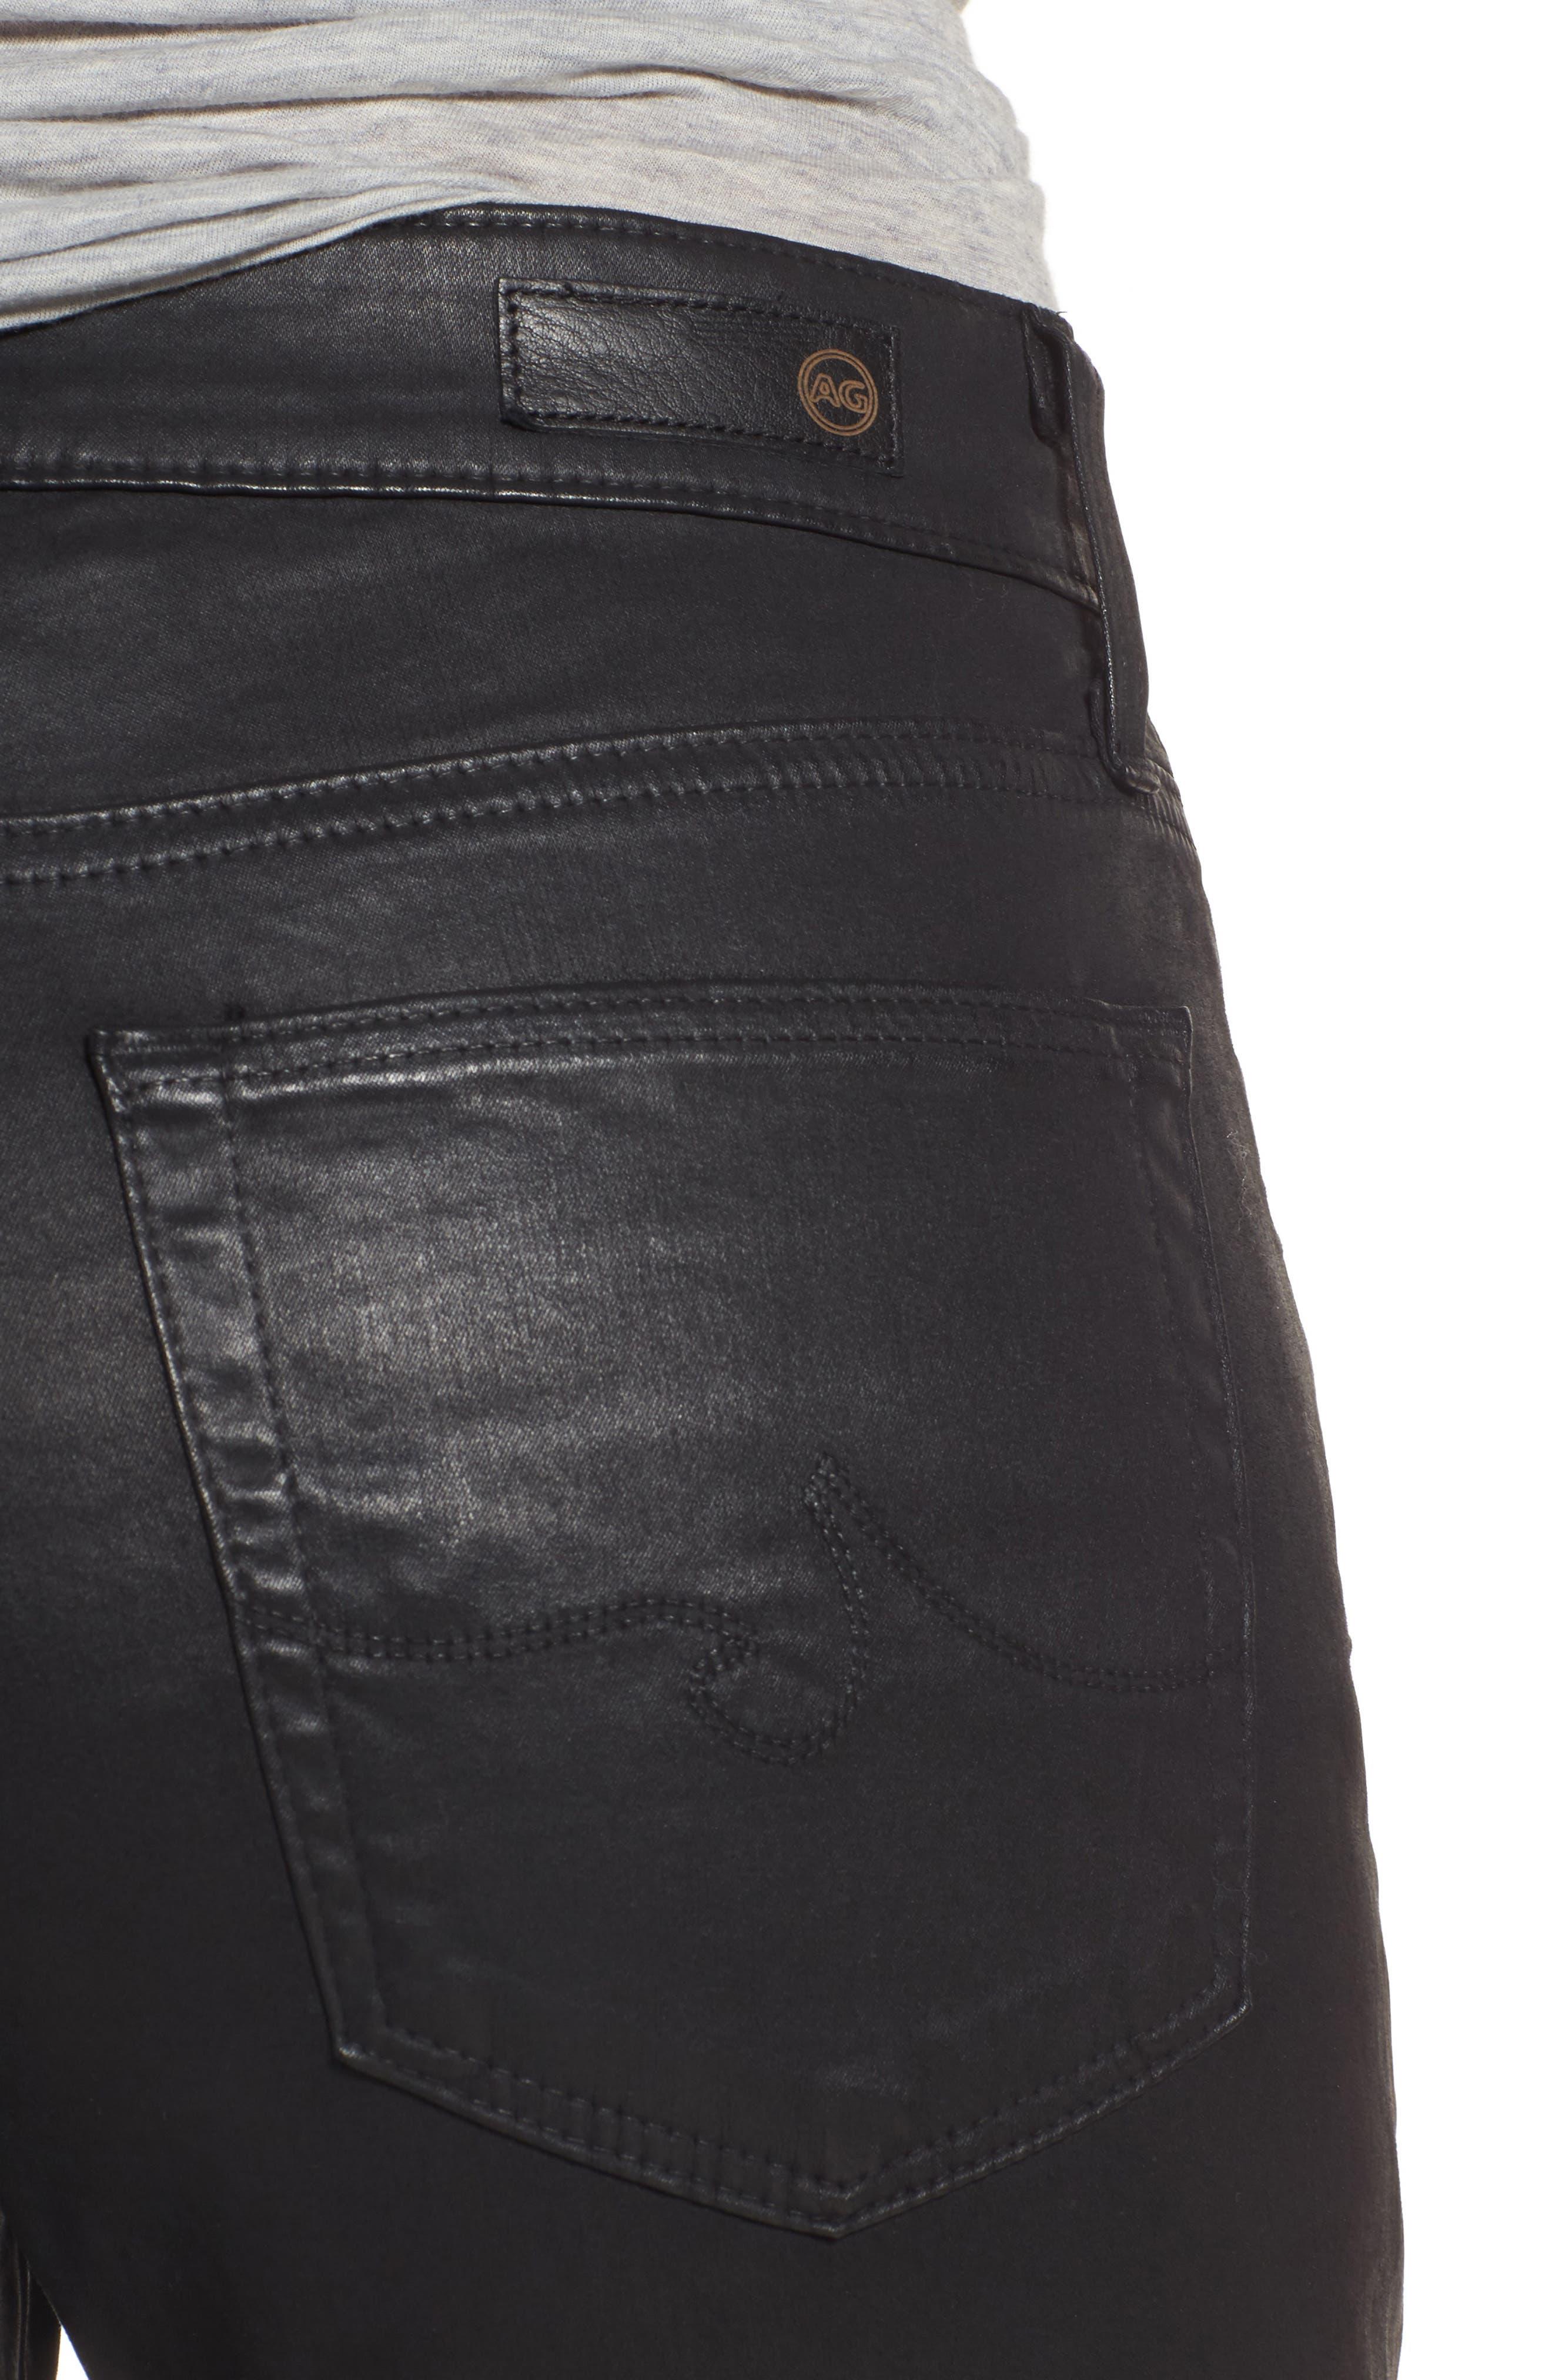 Alternate Image 4  - AG Farrah High Waist Ankle Skinny Jeans